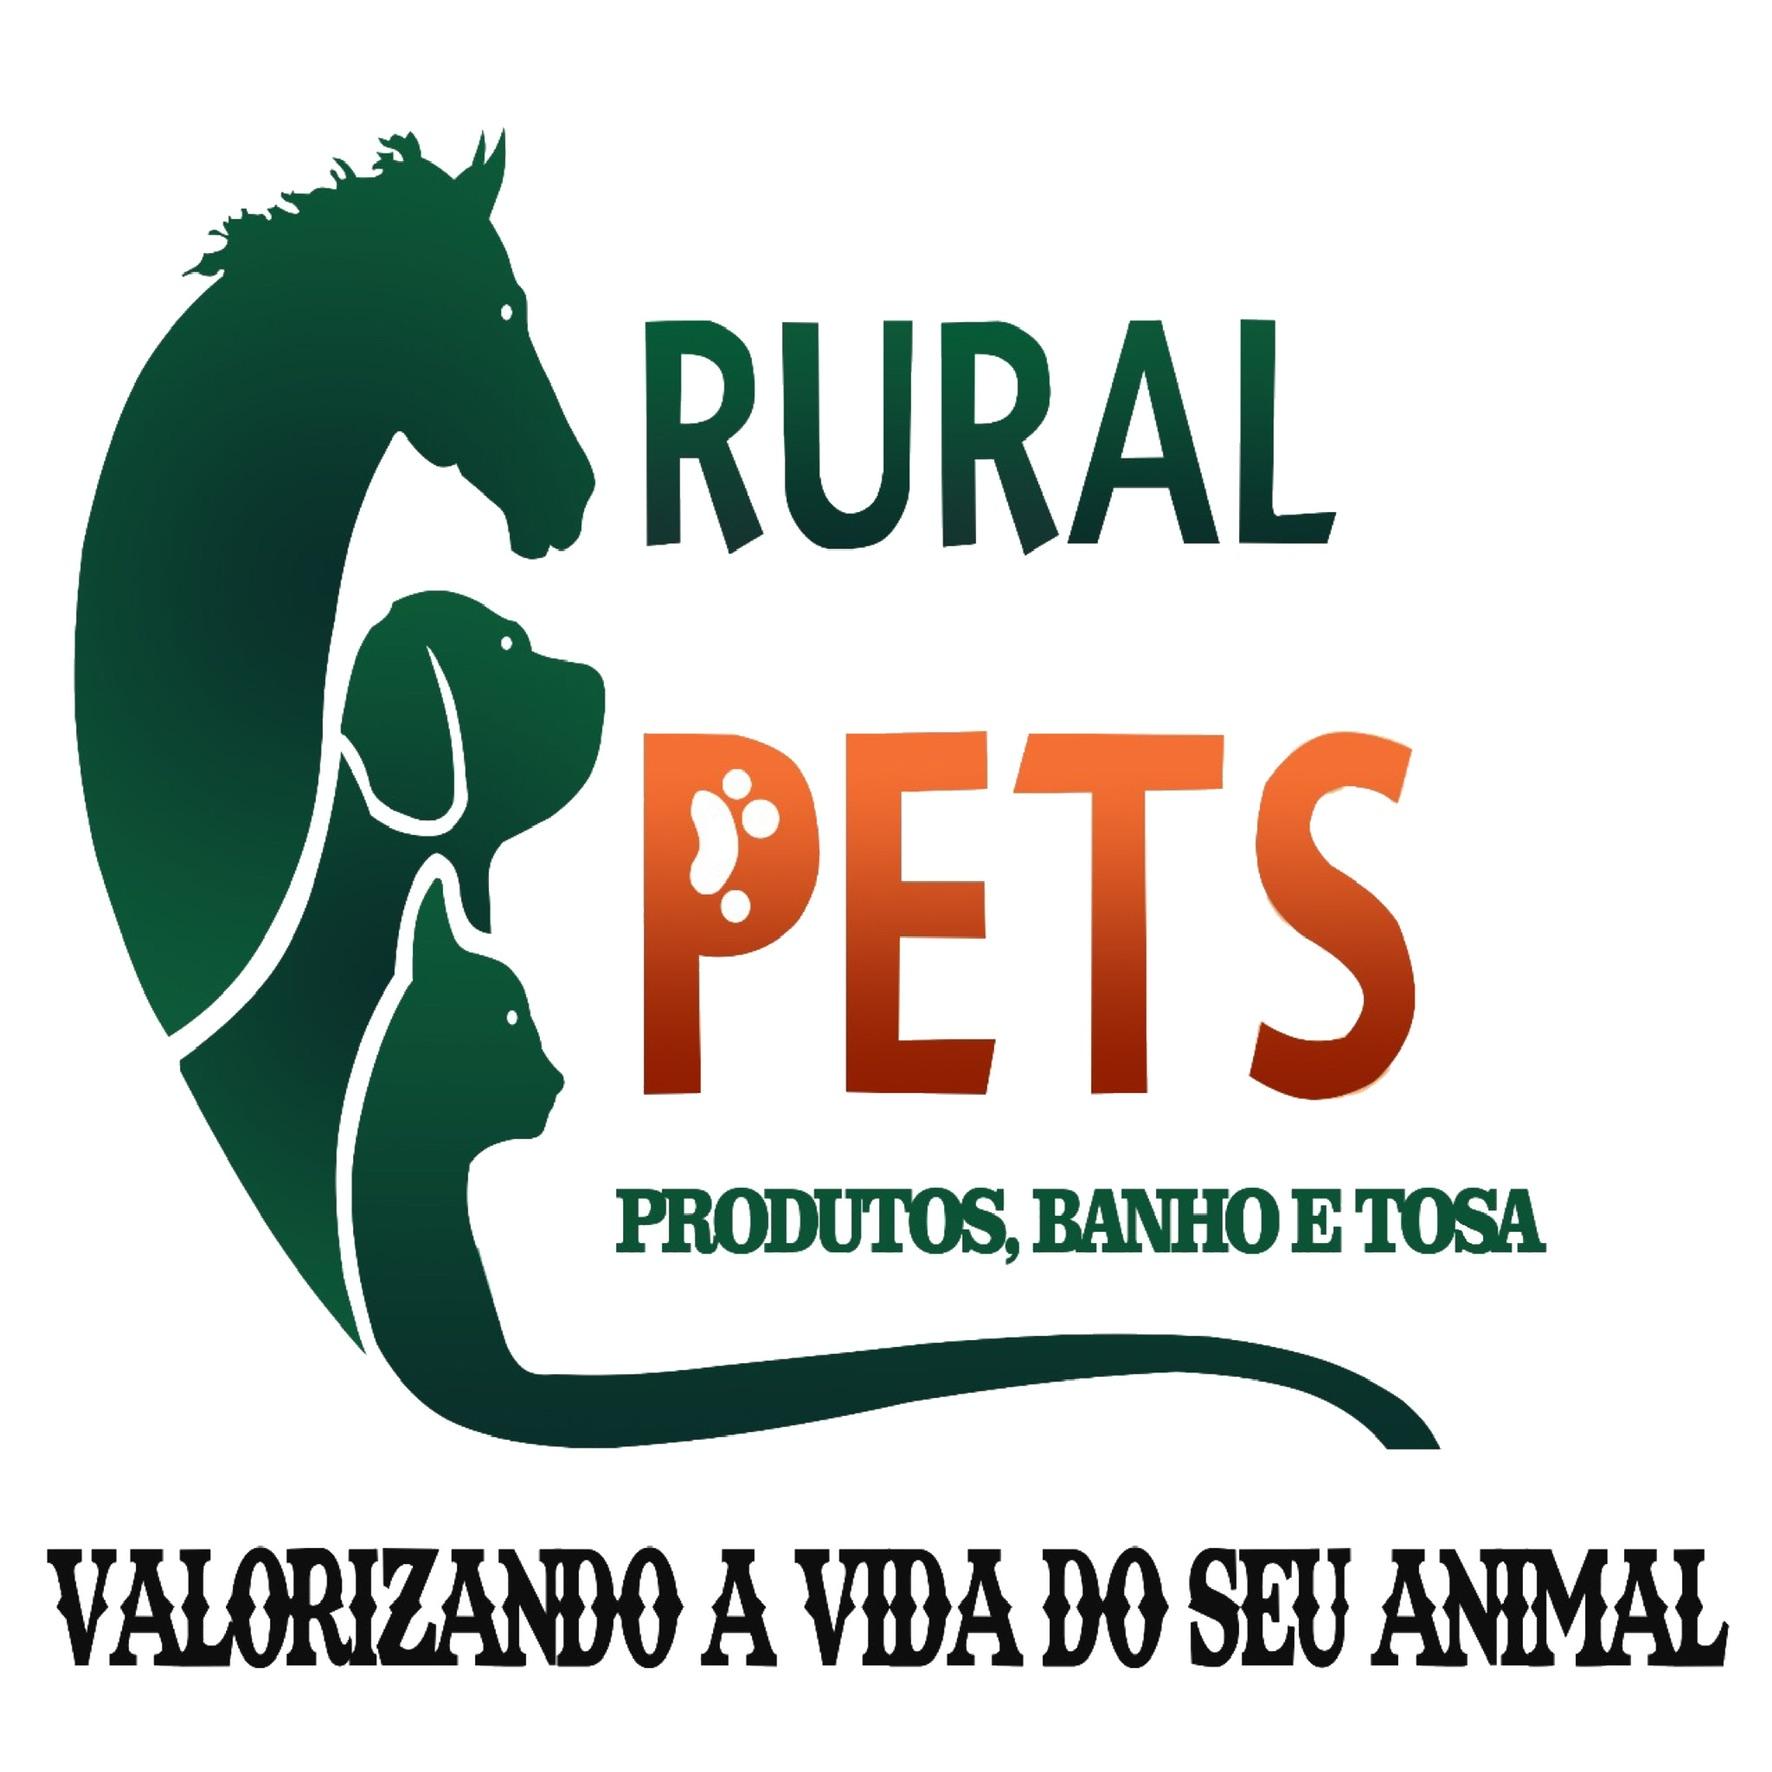 Rural Pets